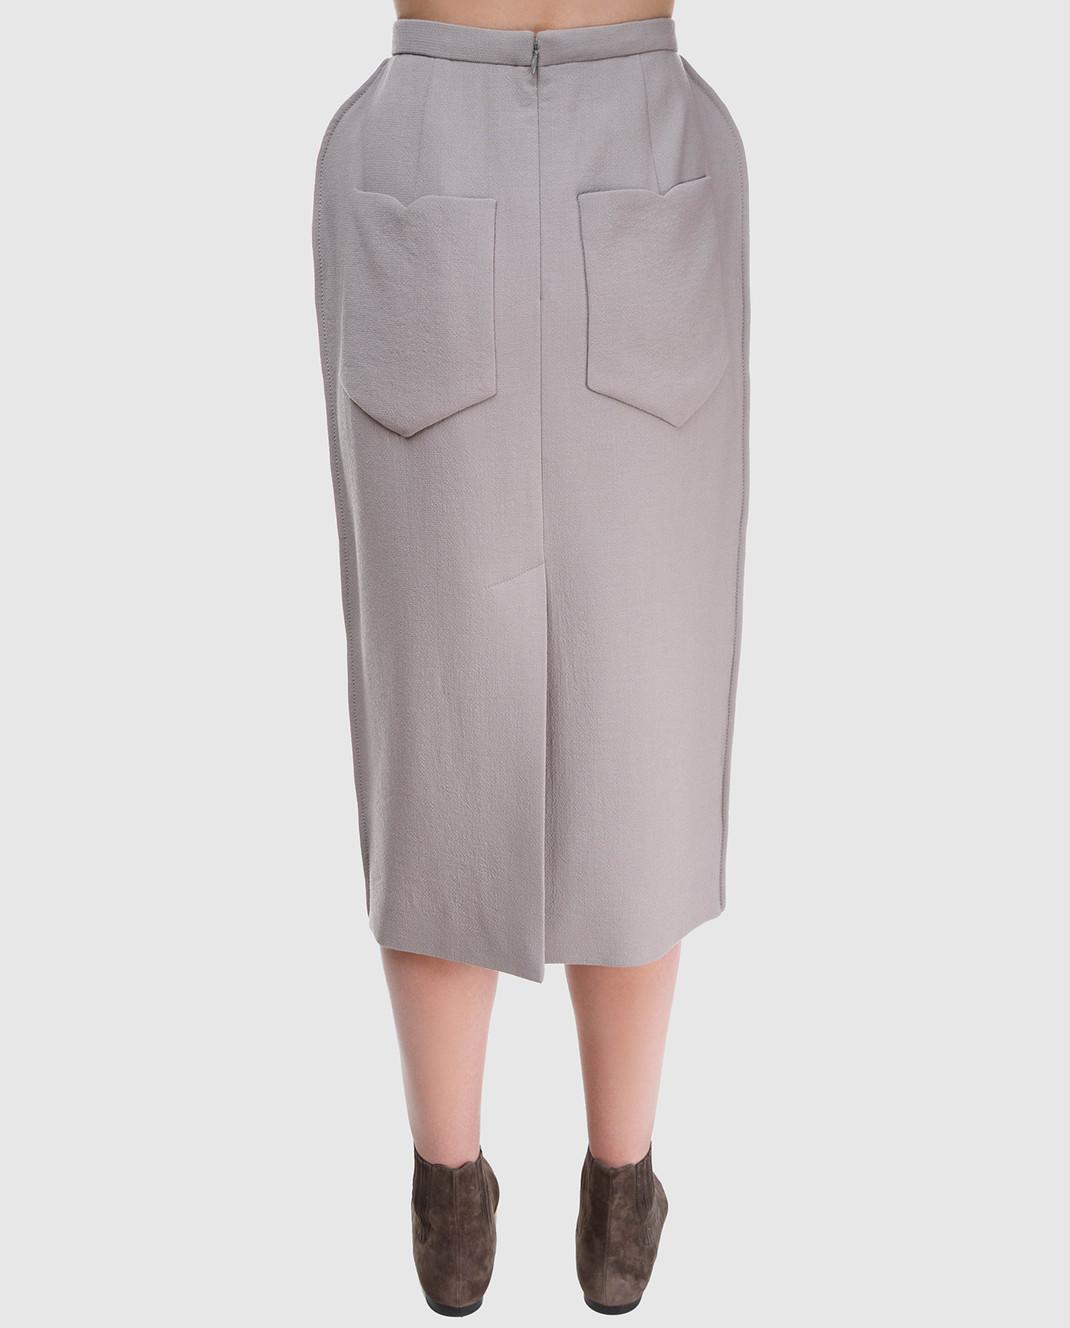 NINA RICCI Серая юбка 18PCJU005WV0230 изображение 4